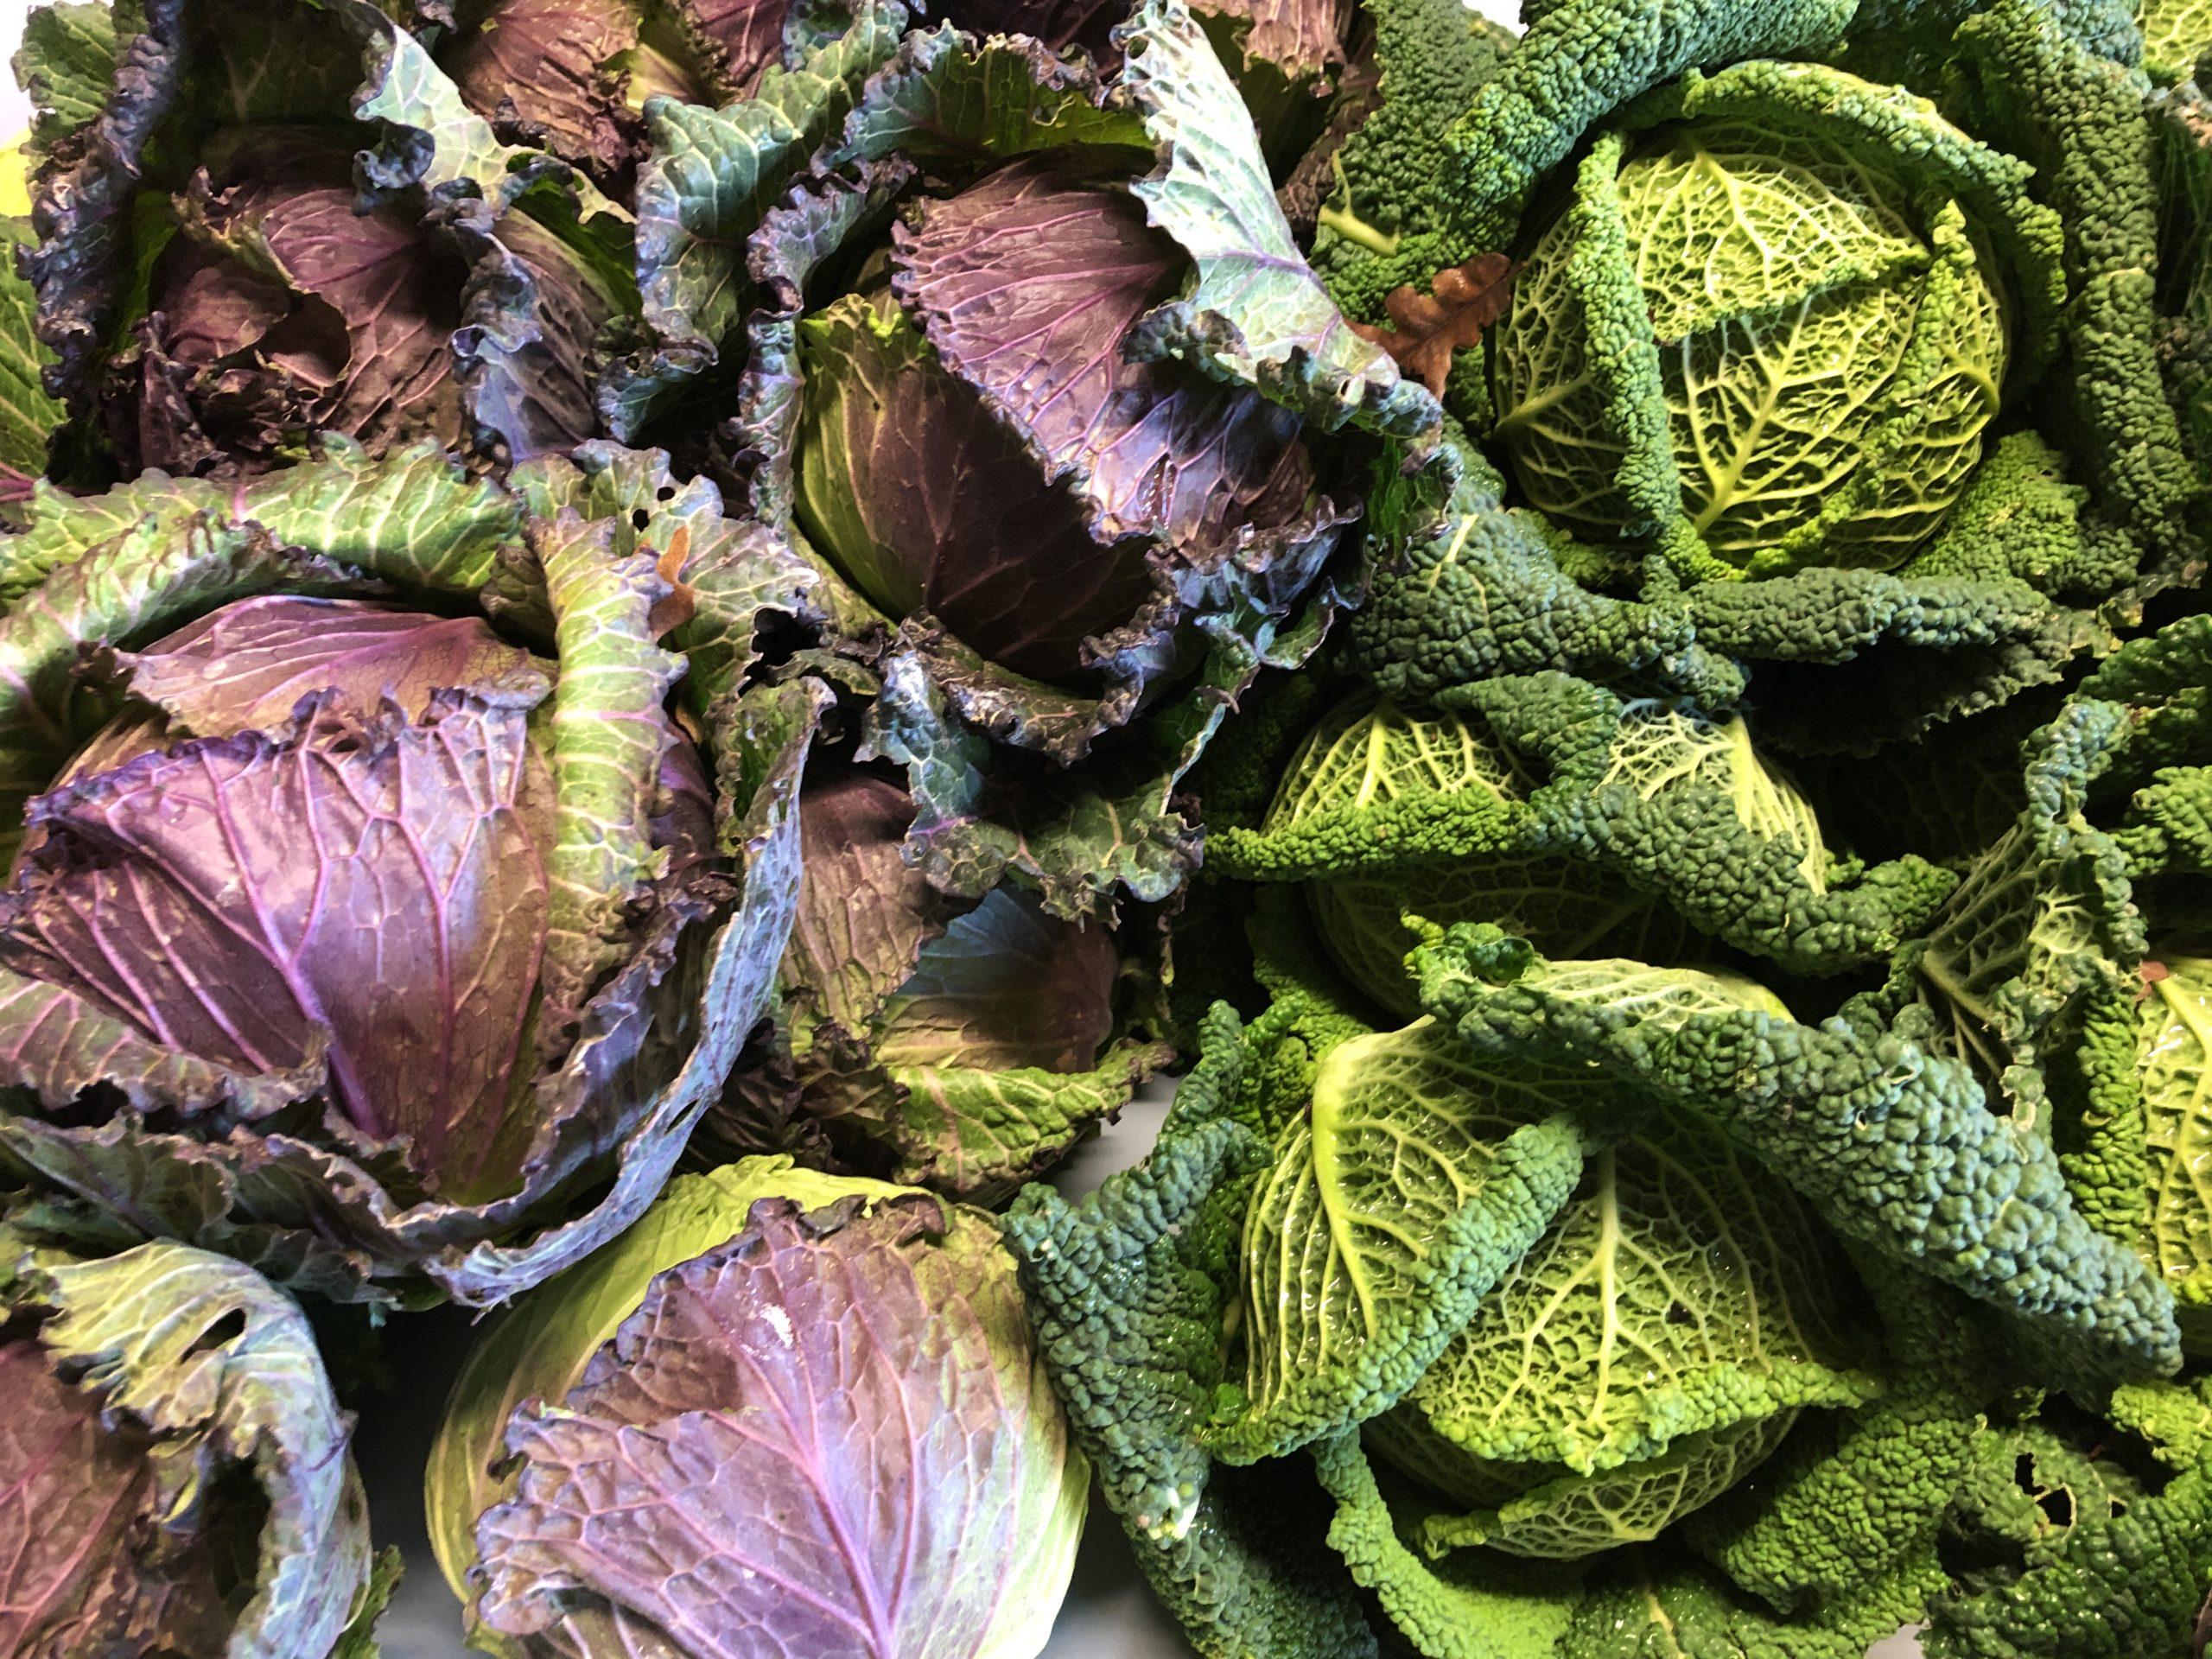 Le chou pommé, le légume pour rester en forme